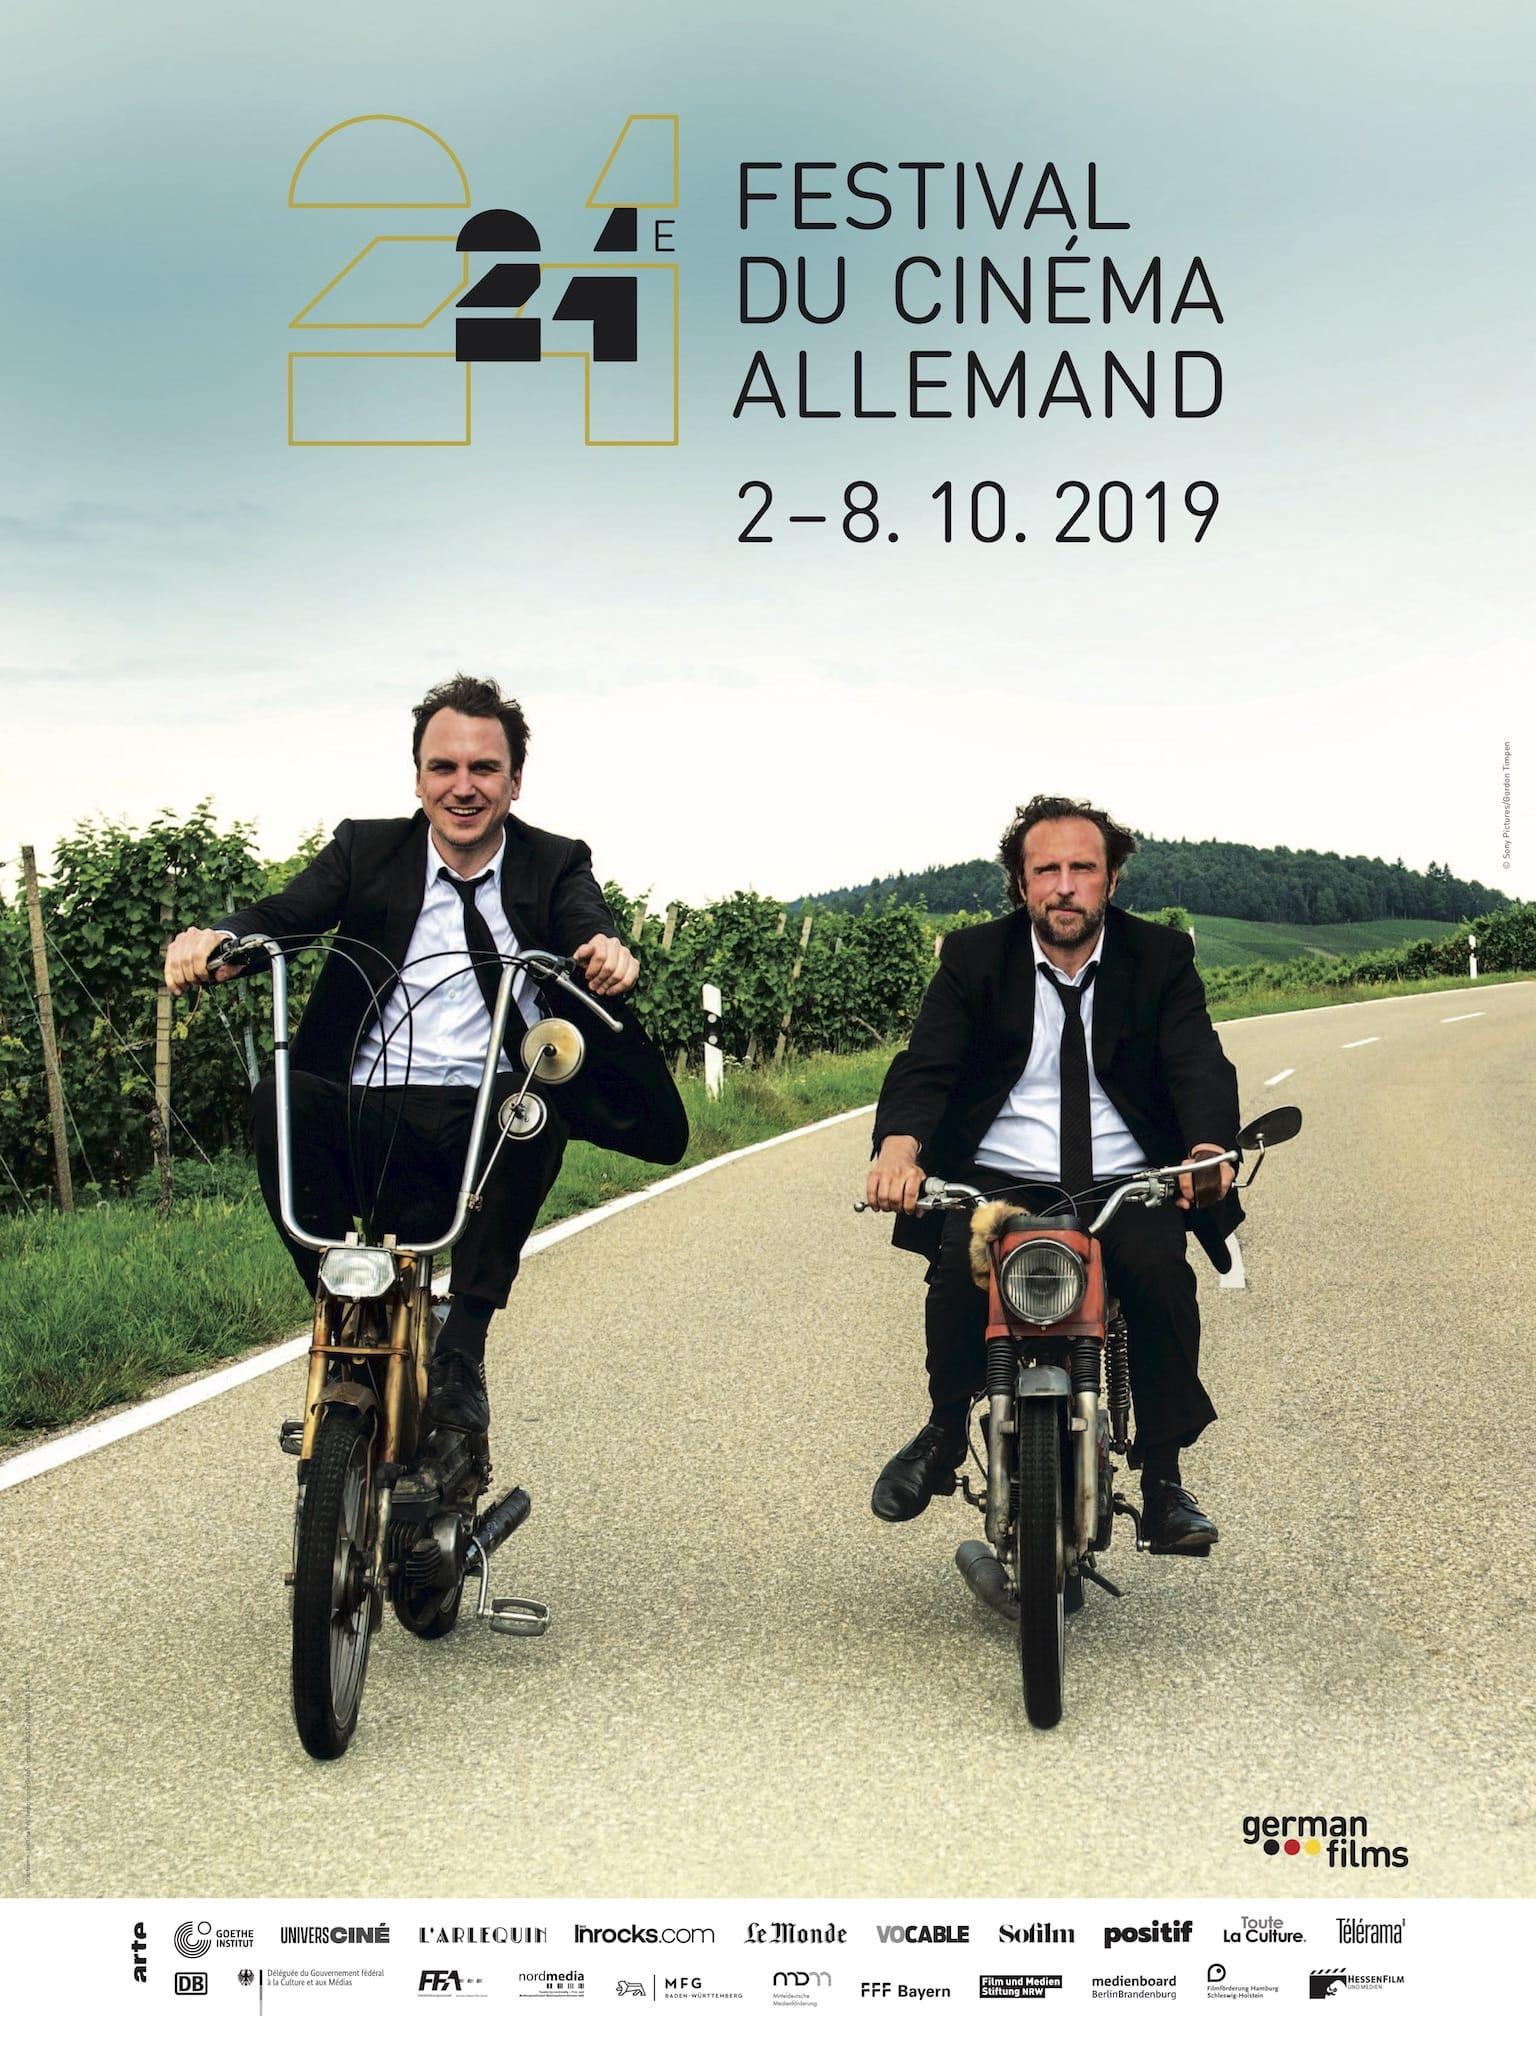 Festival du Cinéma Allemand 2019